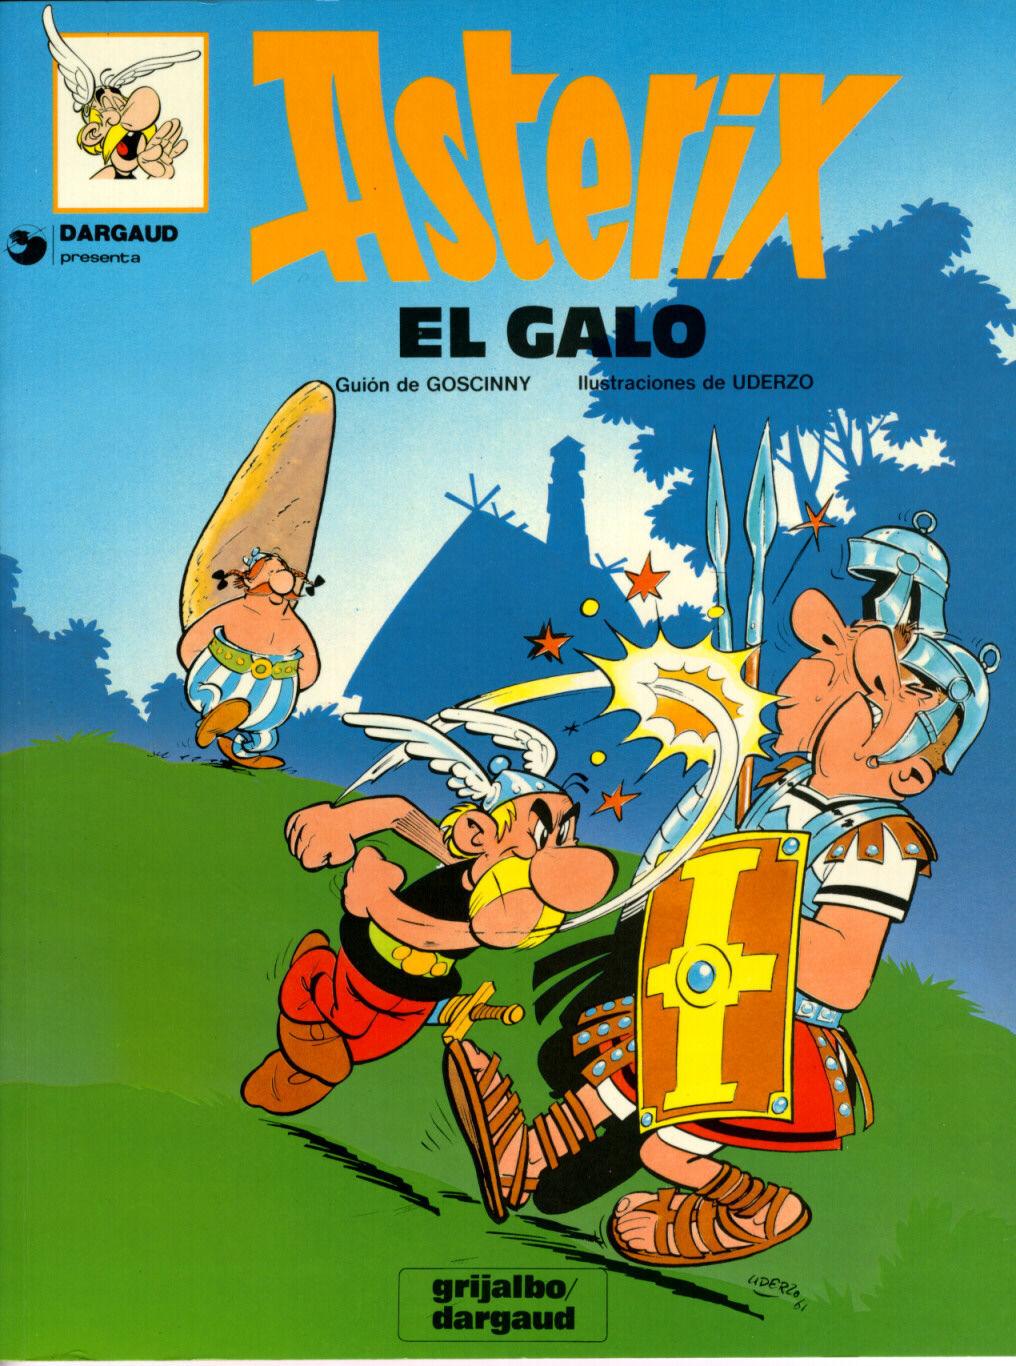 En el cómic de Asterix el galo, Panoramix fabrica una poción mala para los romanos, ¿cuál es el efecto que ésta tiene?